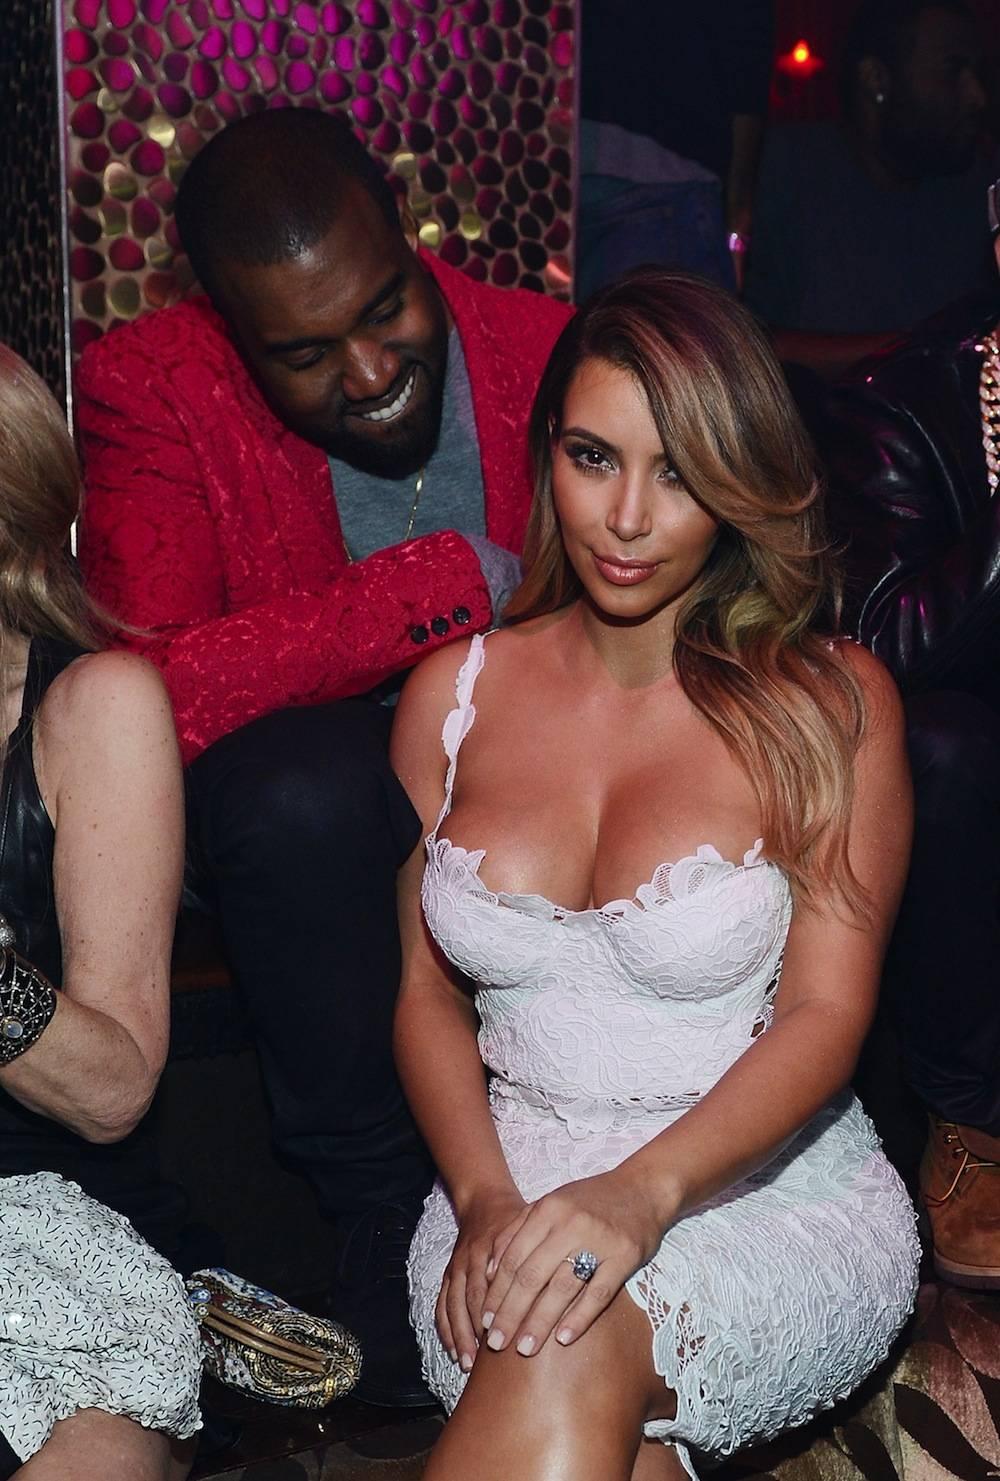 Kanye West and Kim Kardashian at Tao for Kardashian's 33rd birthday. Photos: Denise Truscello/WireImage